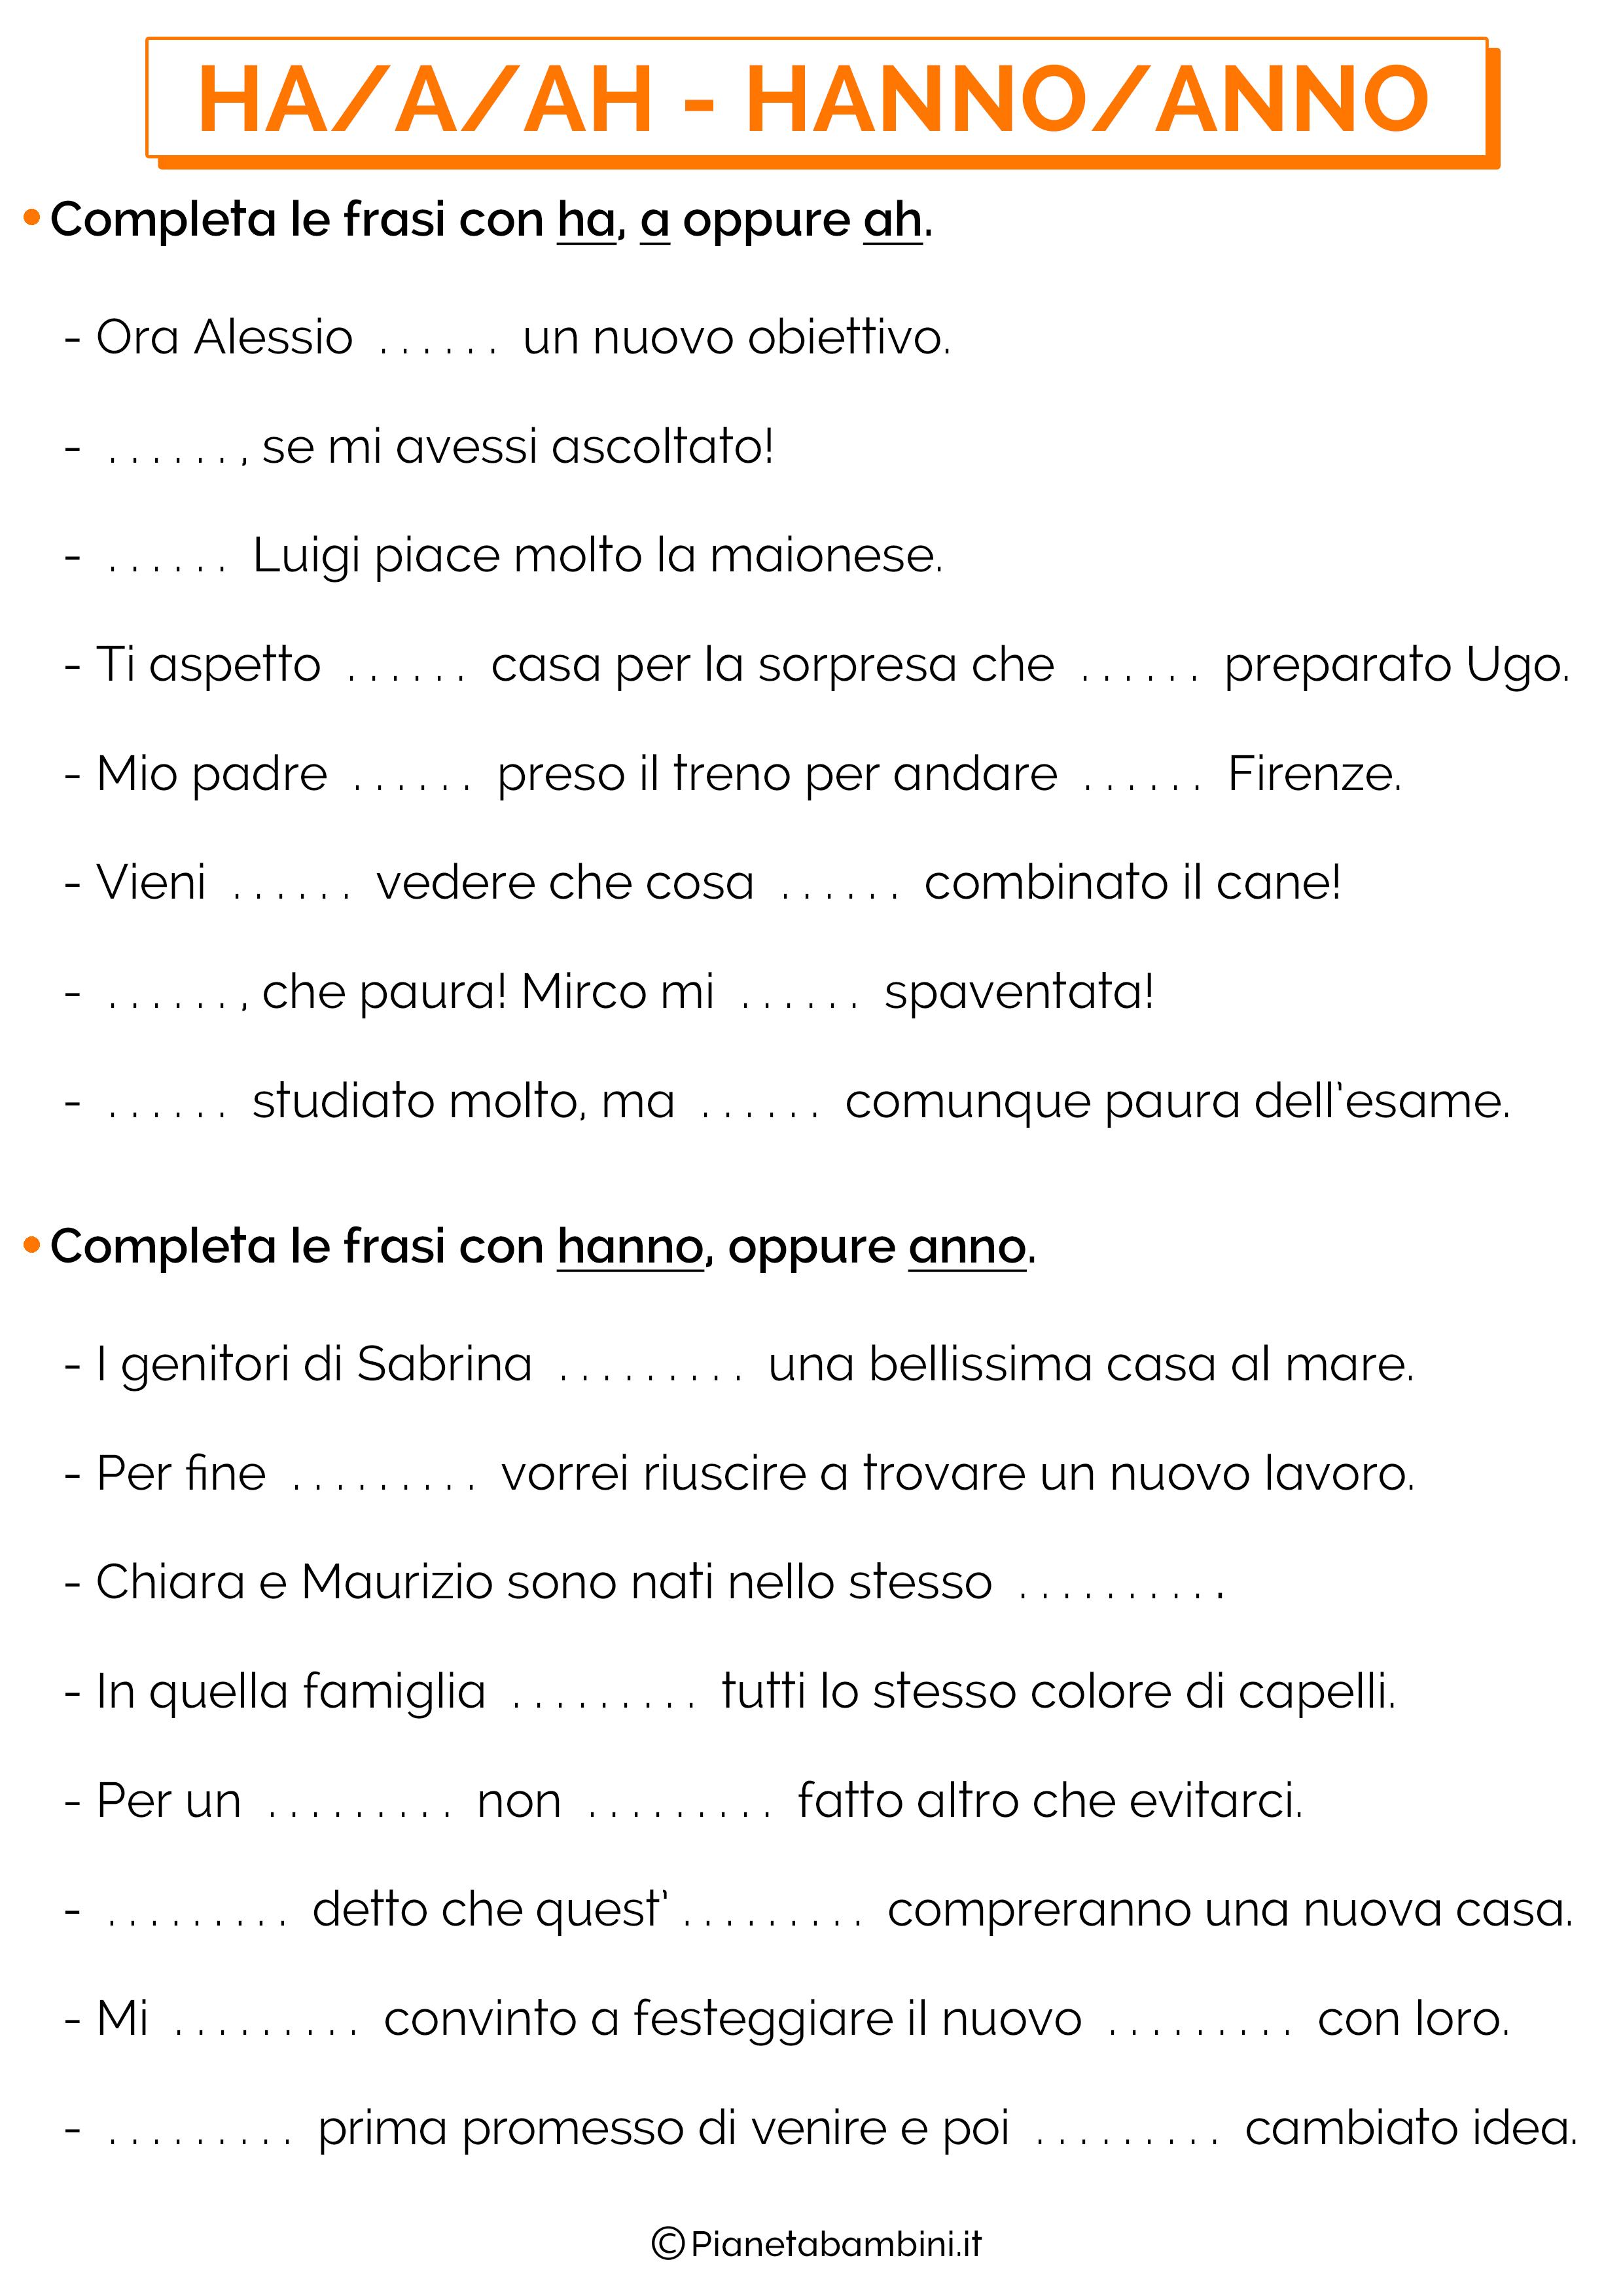 Scheda didattica su HA-A-AH e HANNO-ANNO